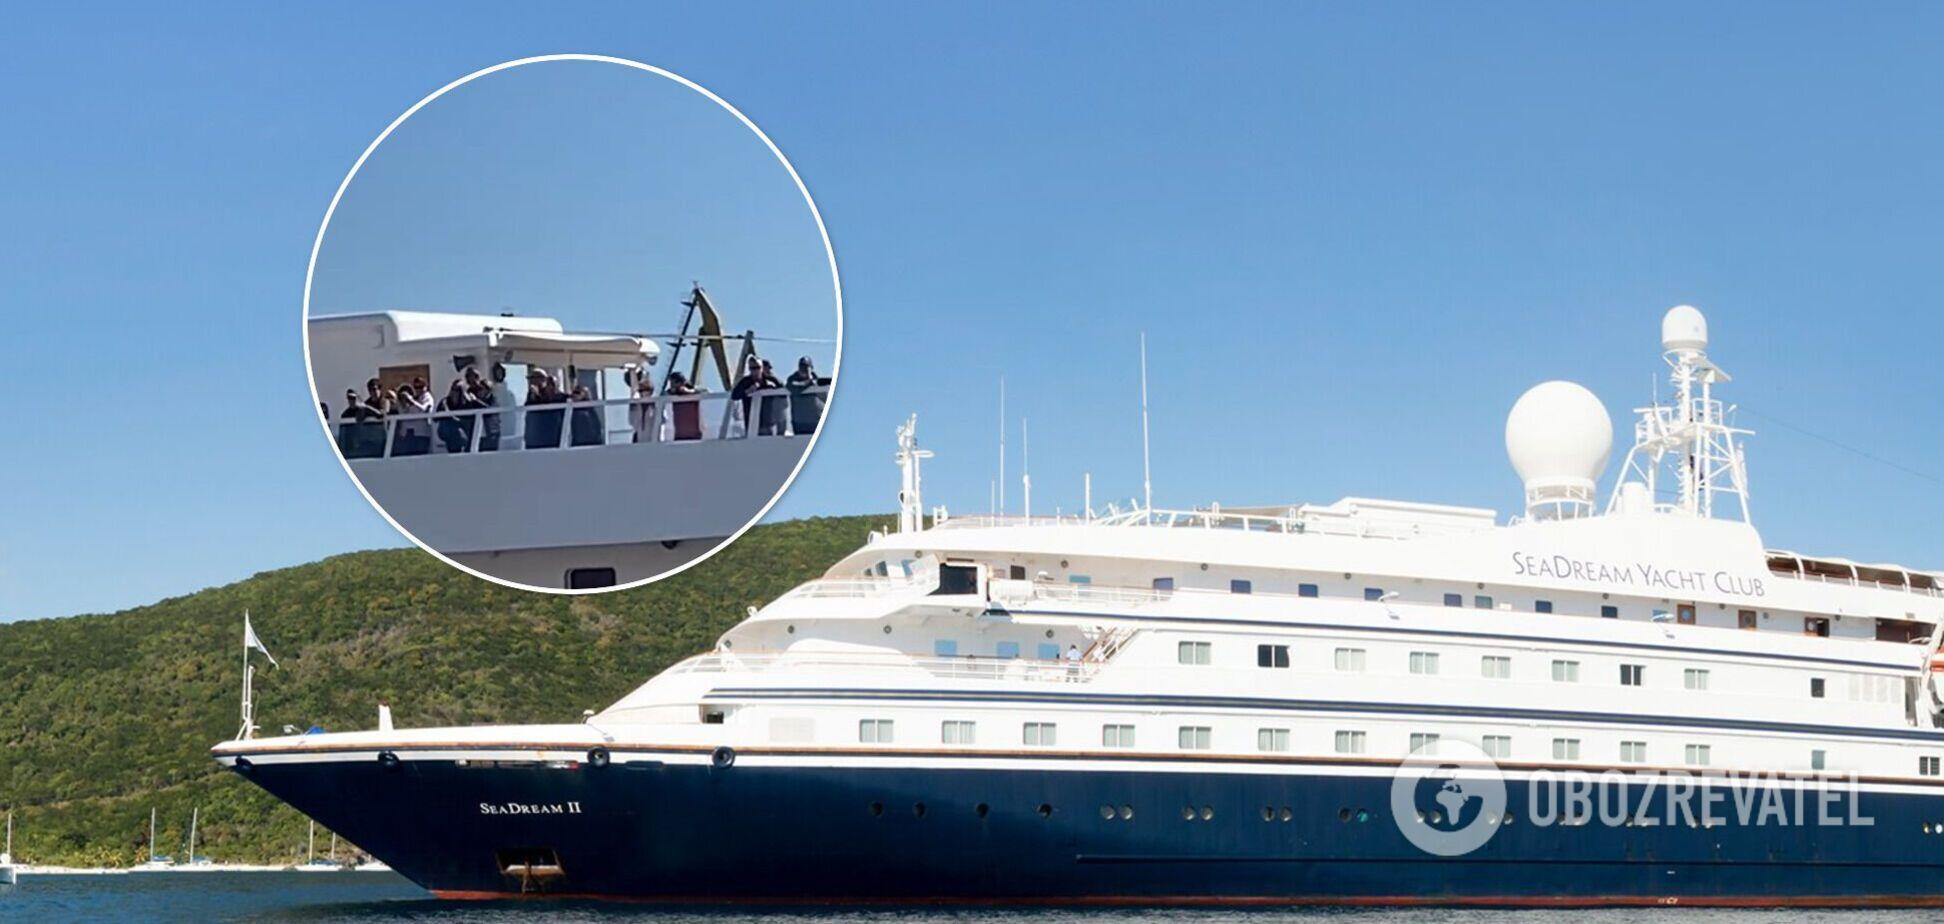 В Одесу вперше за 7 років прибув лайнер преміумкласу з іноземними туристами. Фото і відео